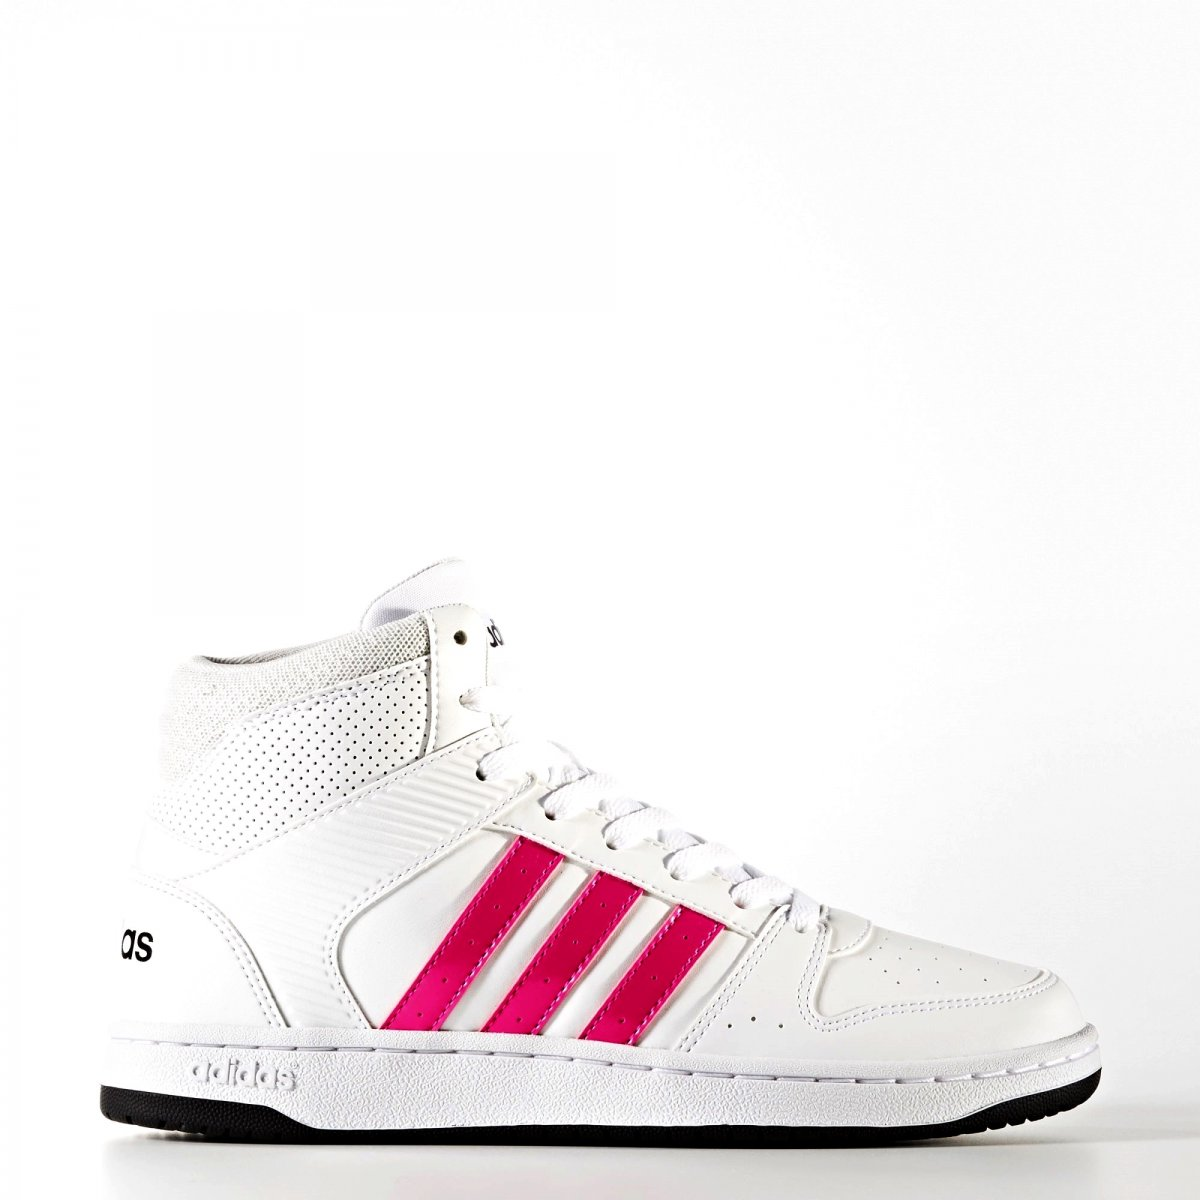 Tênis Adidas VS Hoopster MID W B74234 Branco Rosa 042753829eda2